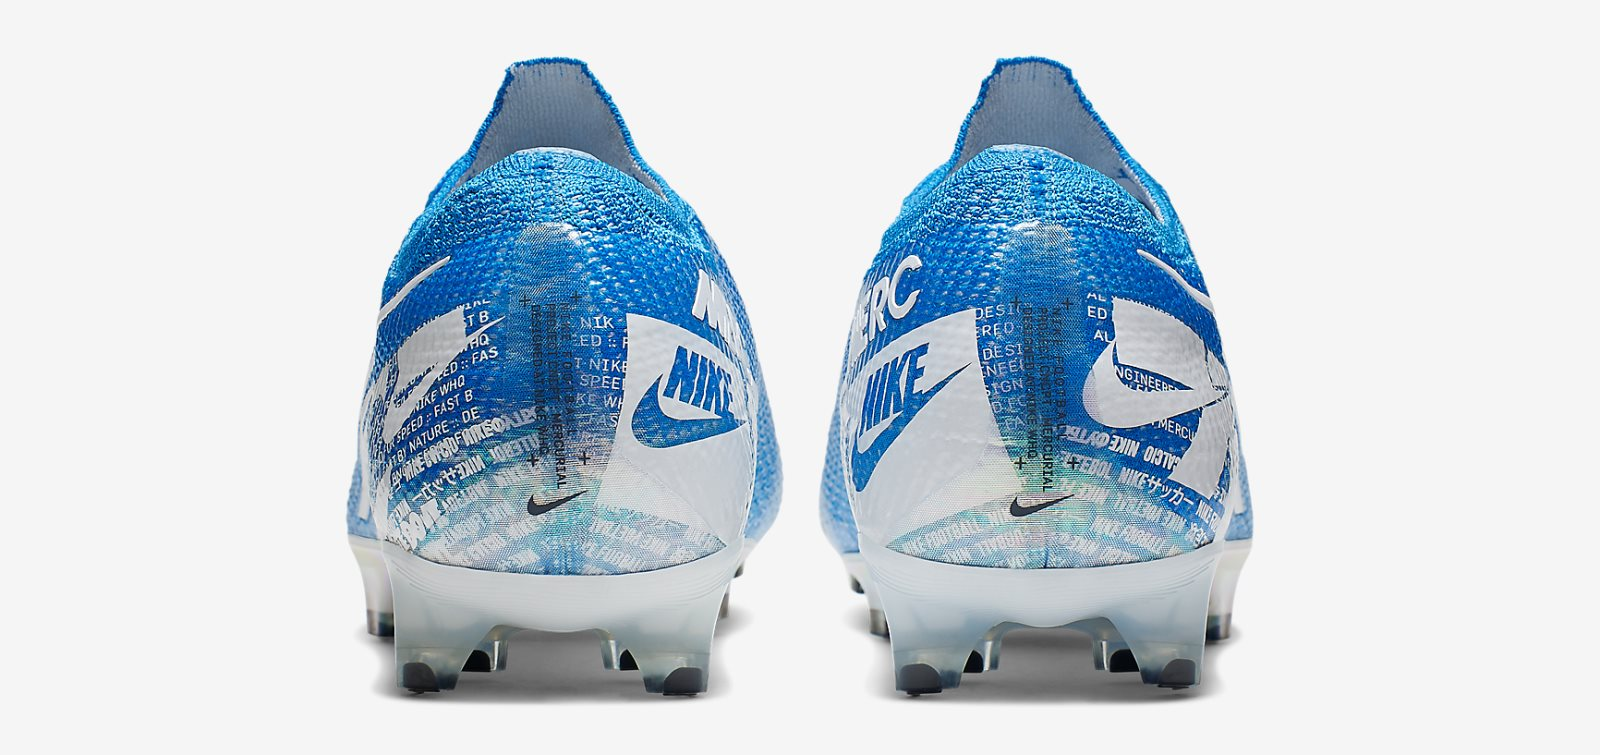 2-Botas Nike de Lodi 1